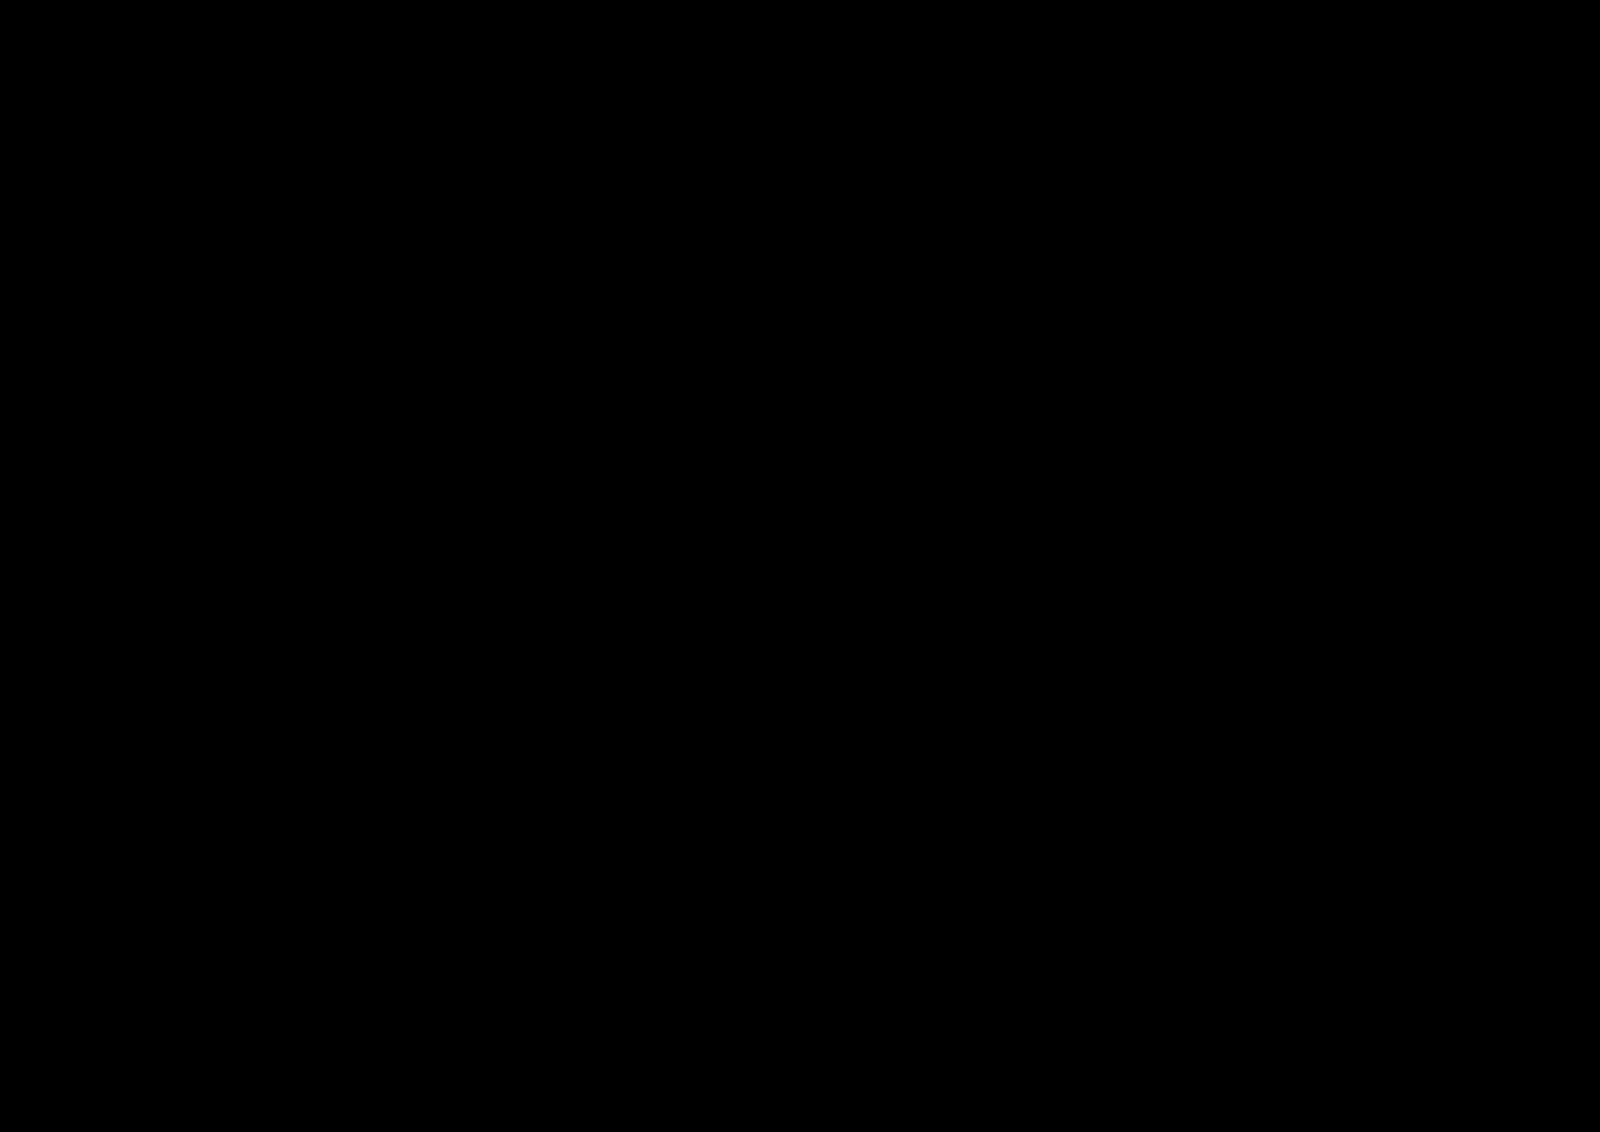 Alfabeto de parede em Libras para Imprimir Ideia Criativa Gi  #666666 1600 1132